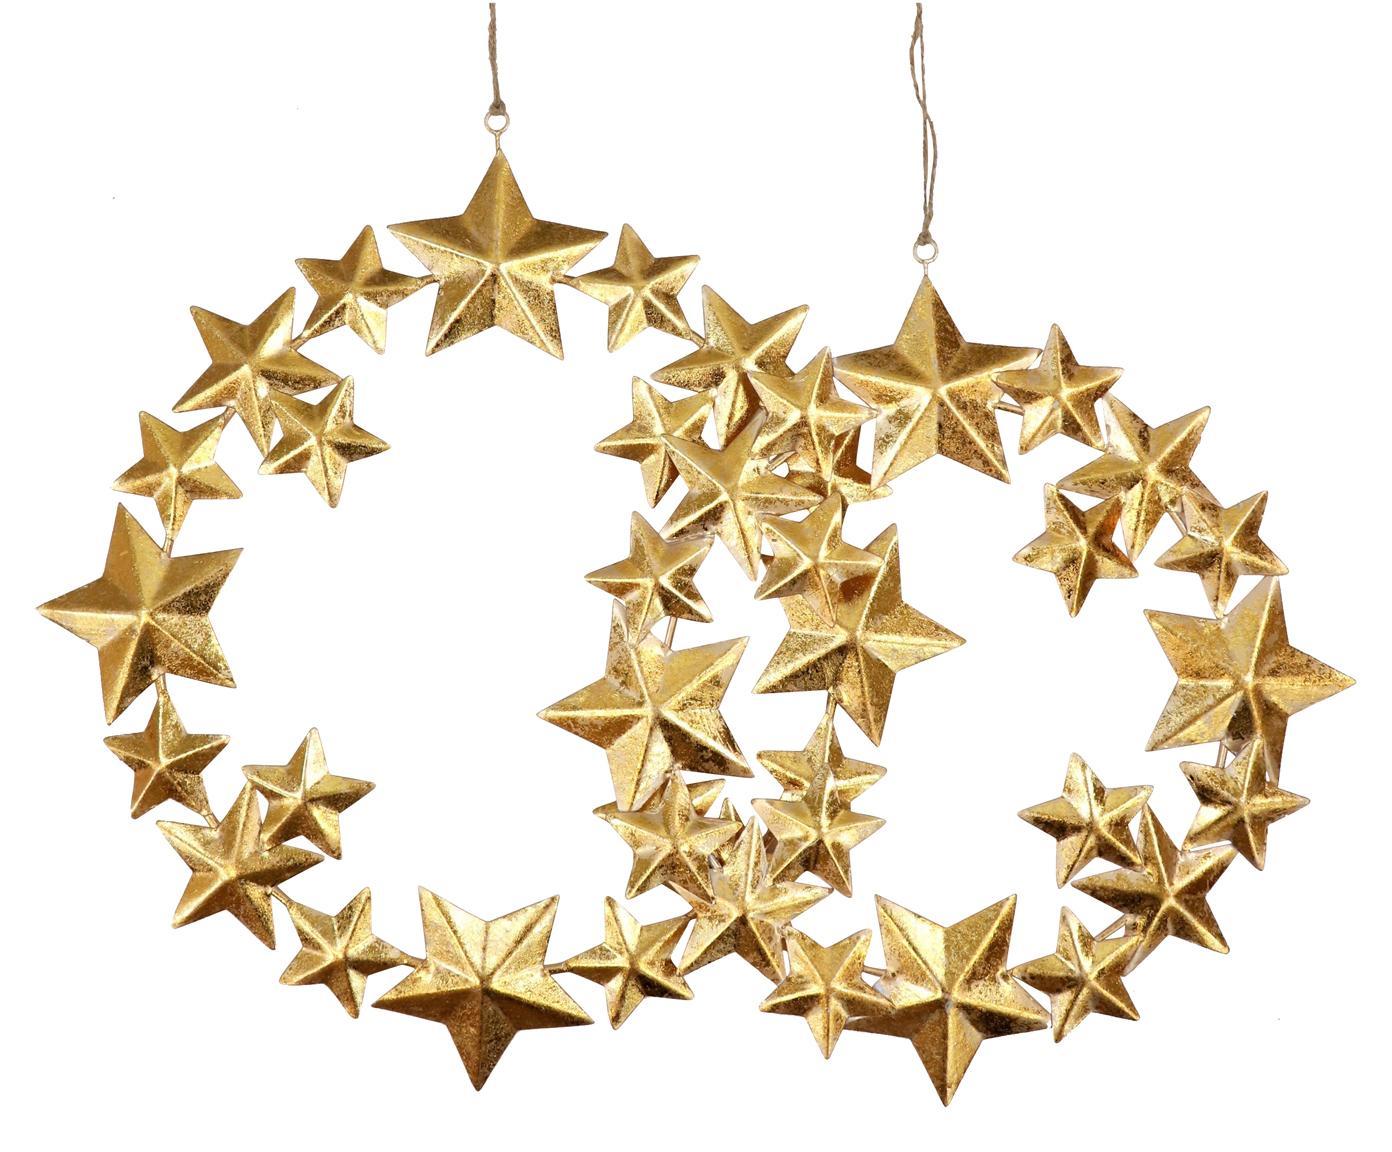 Deko-Anhänger-Set Stars, 2-tlg., Metall, beschichtet, Goldfarben, Sondergrößen